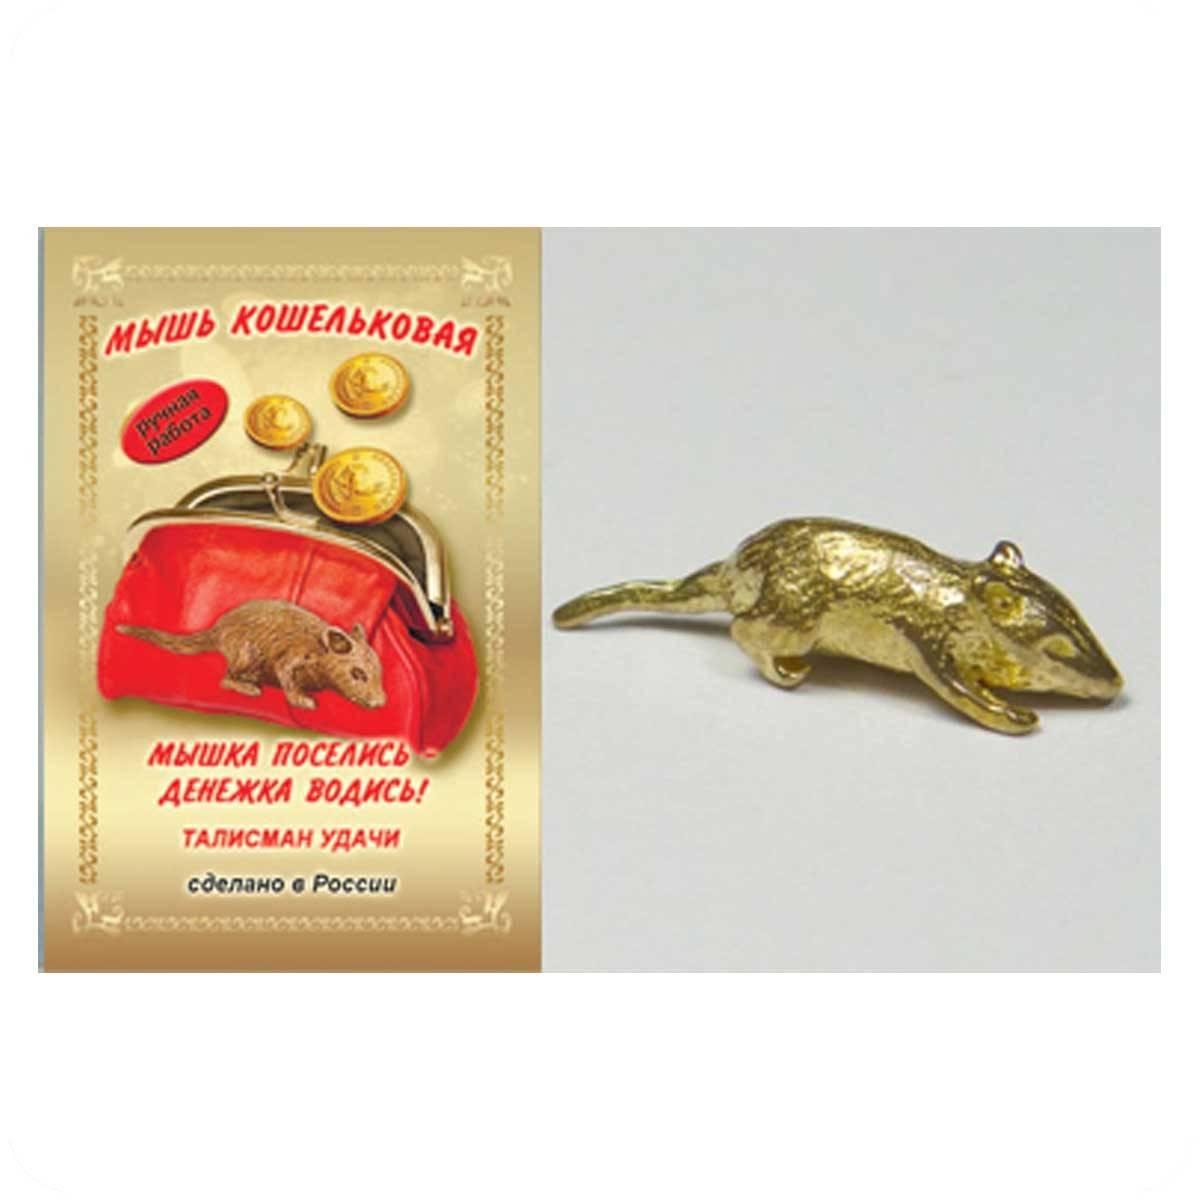 Ложка загребушка и кошельковая мышь: сувениры для денег, заговоры